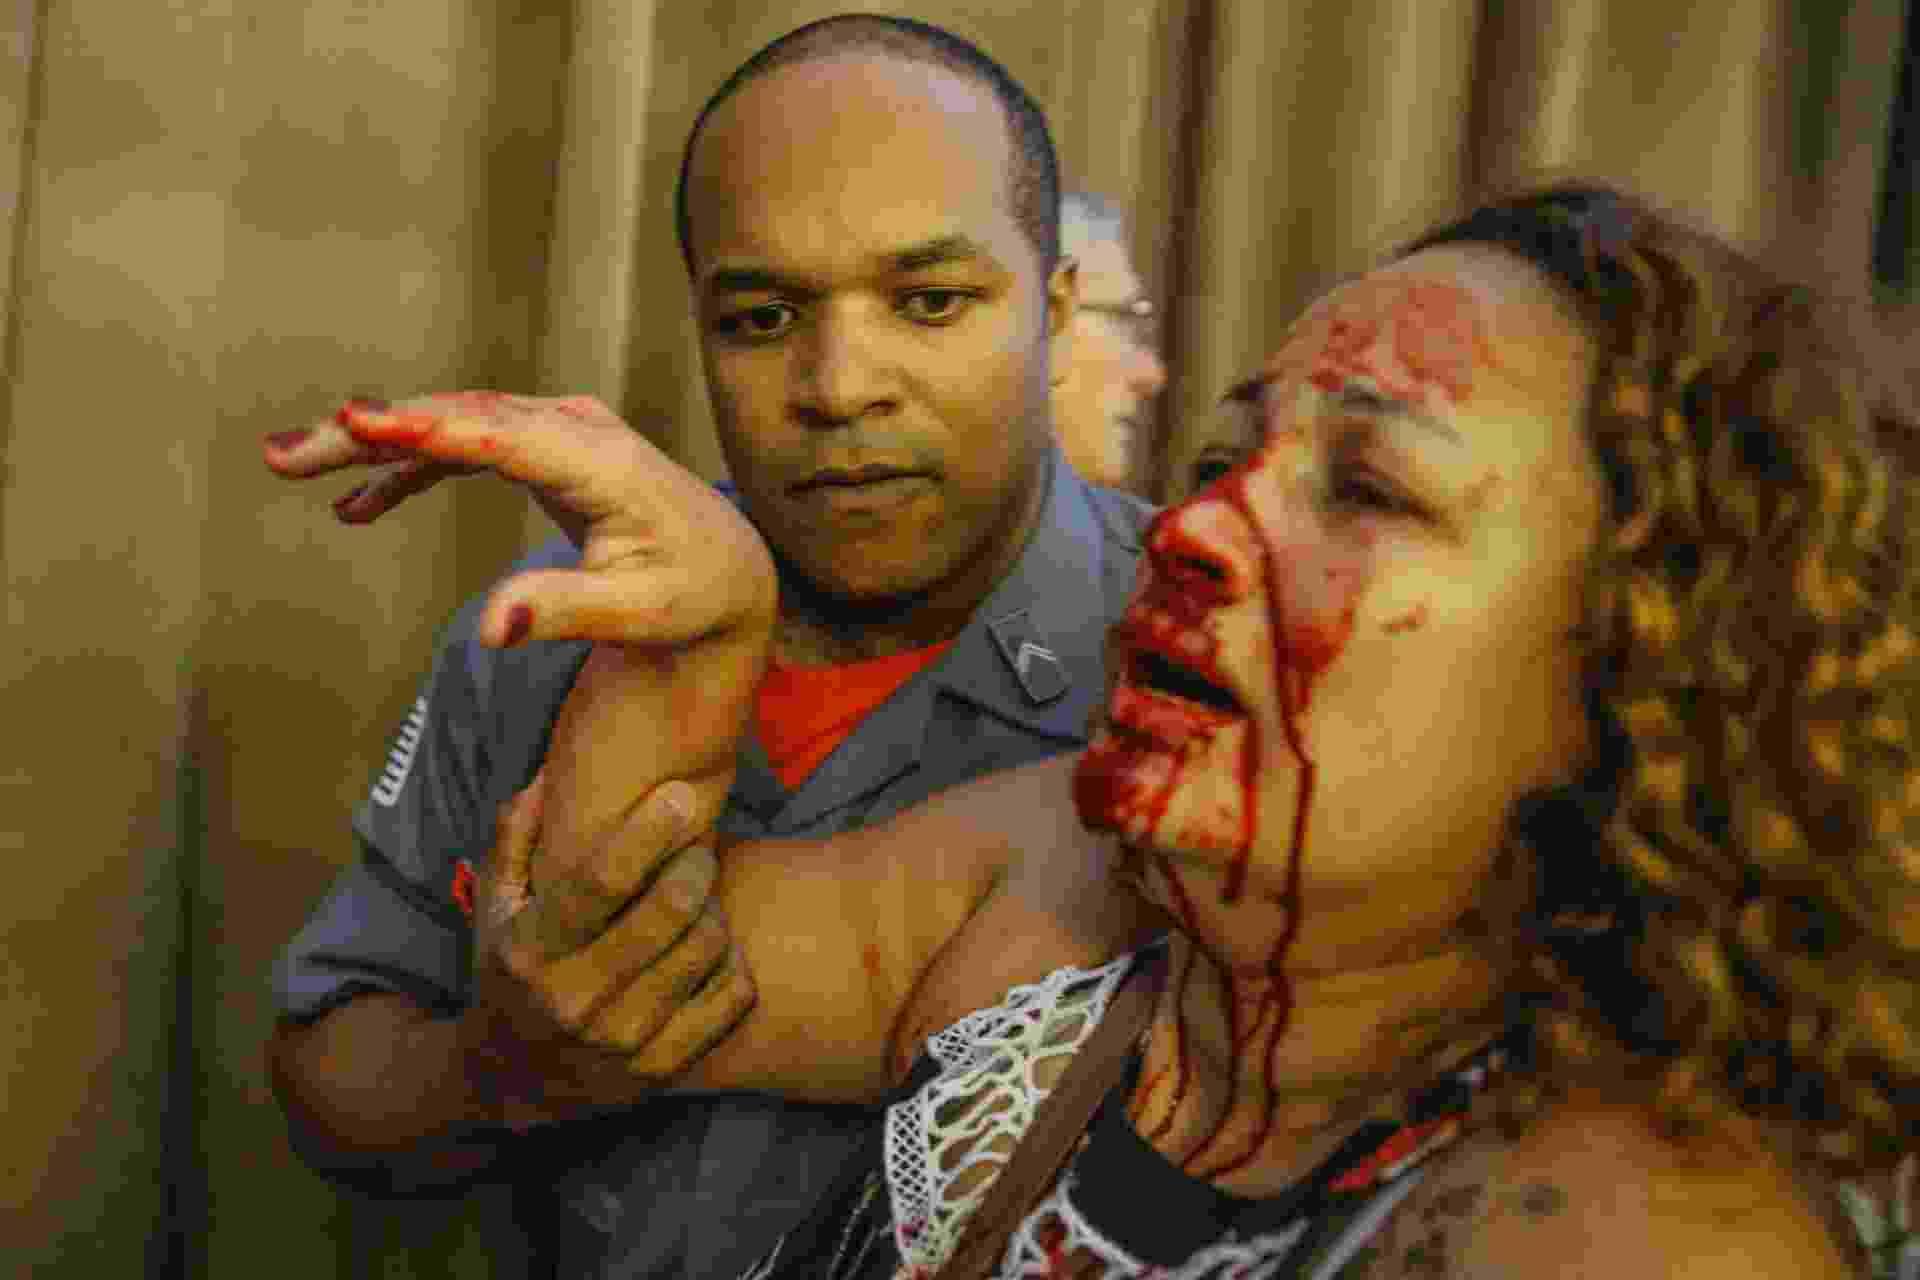 Professora é ferida durante confusão na Câmara Municipal de São Paulo - Suamy Beydouni/Estadão Conteúdo